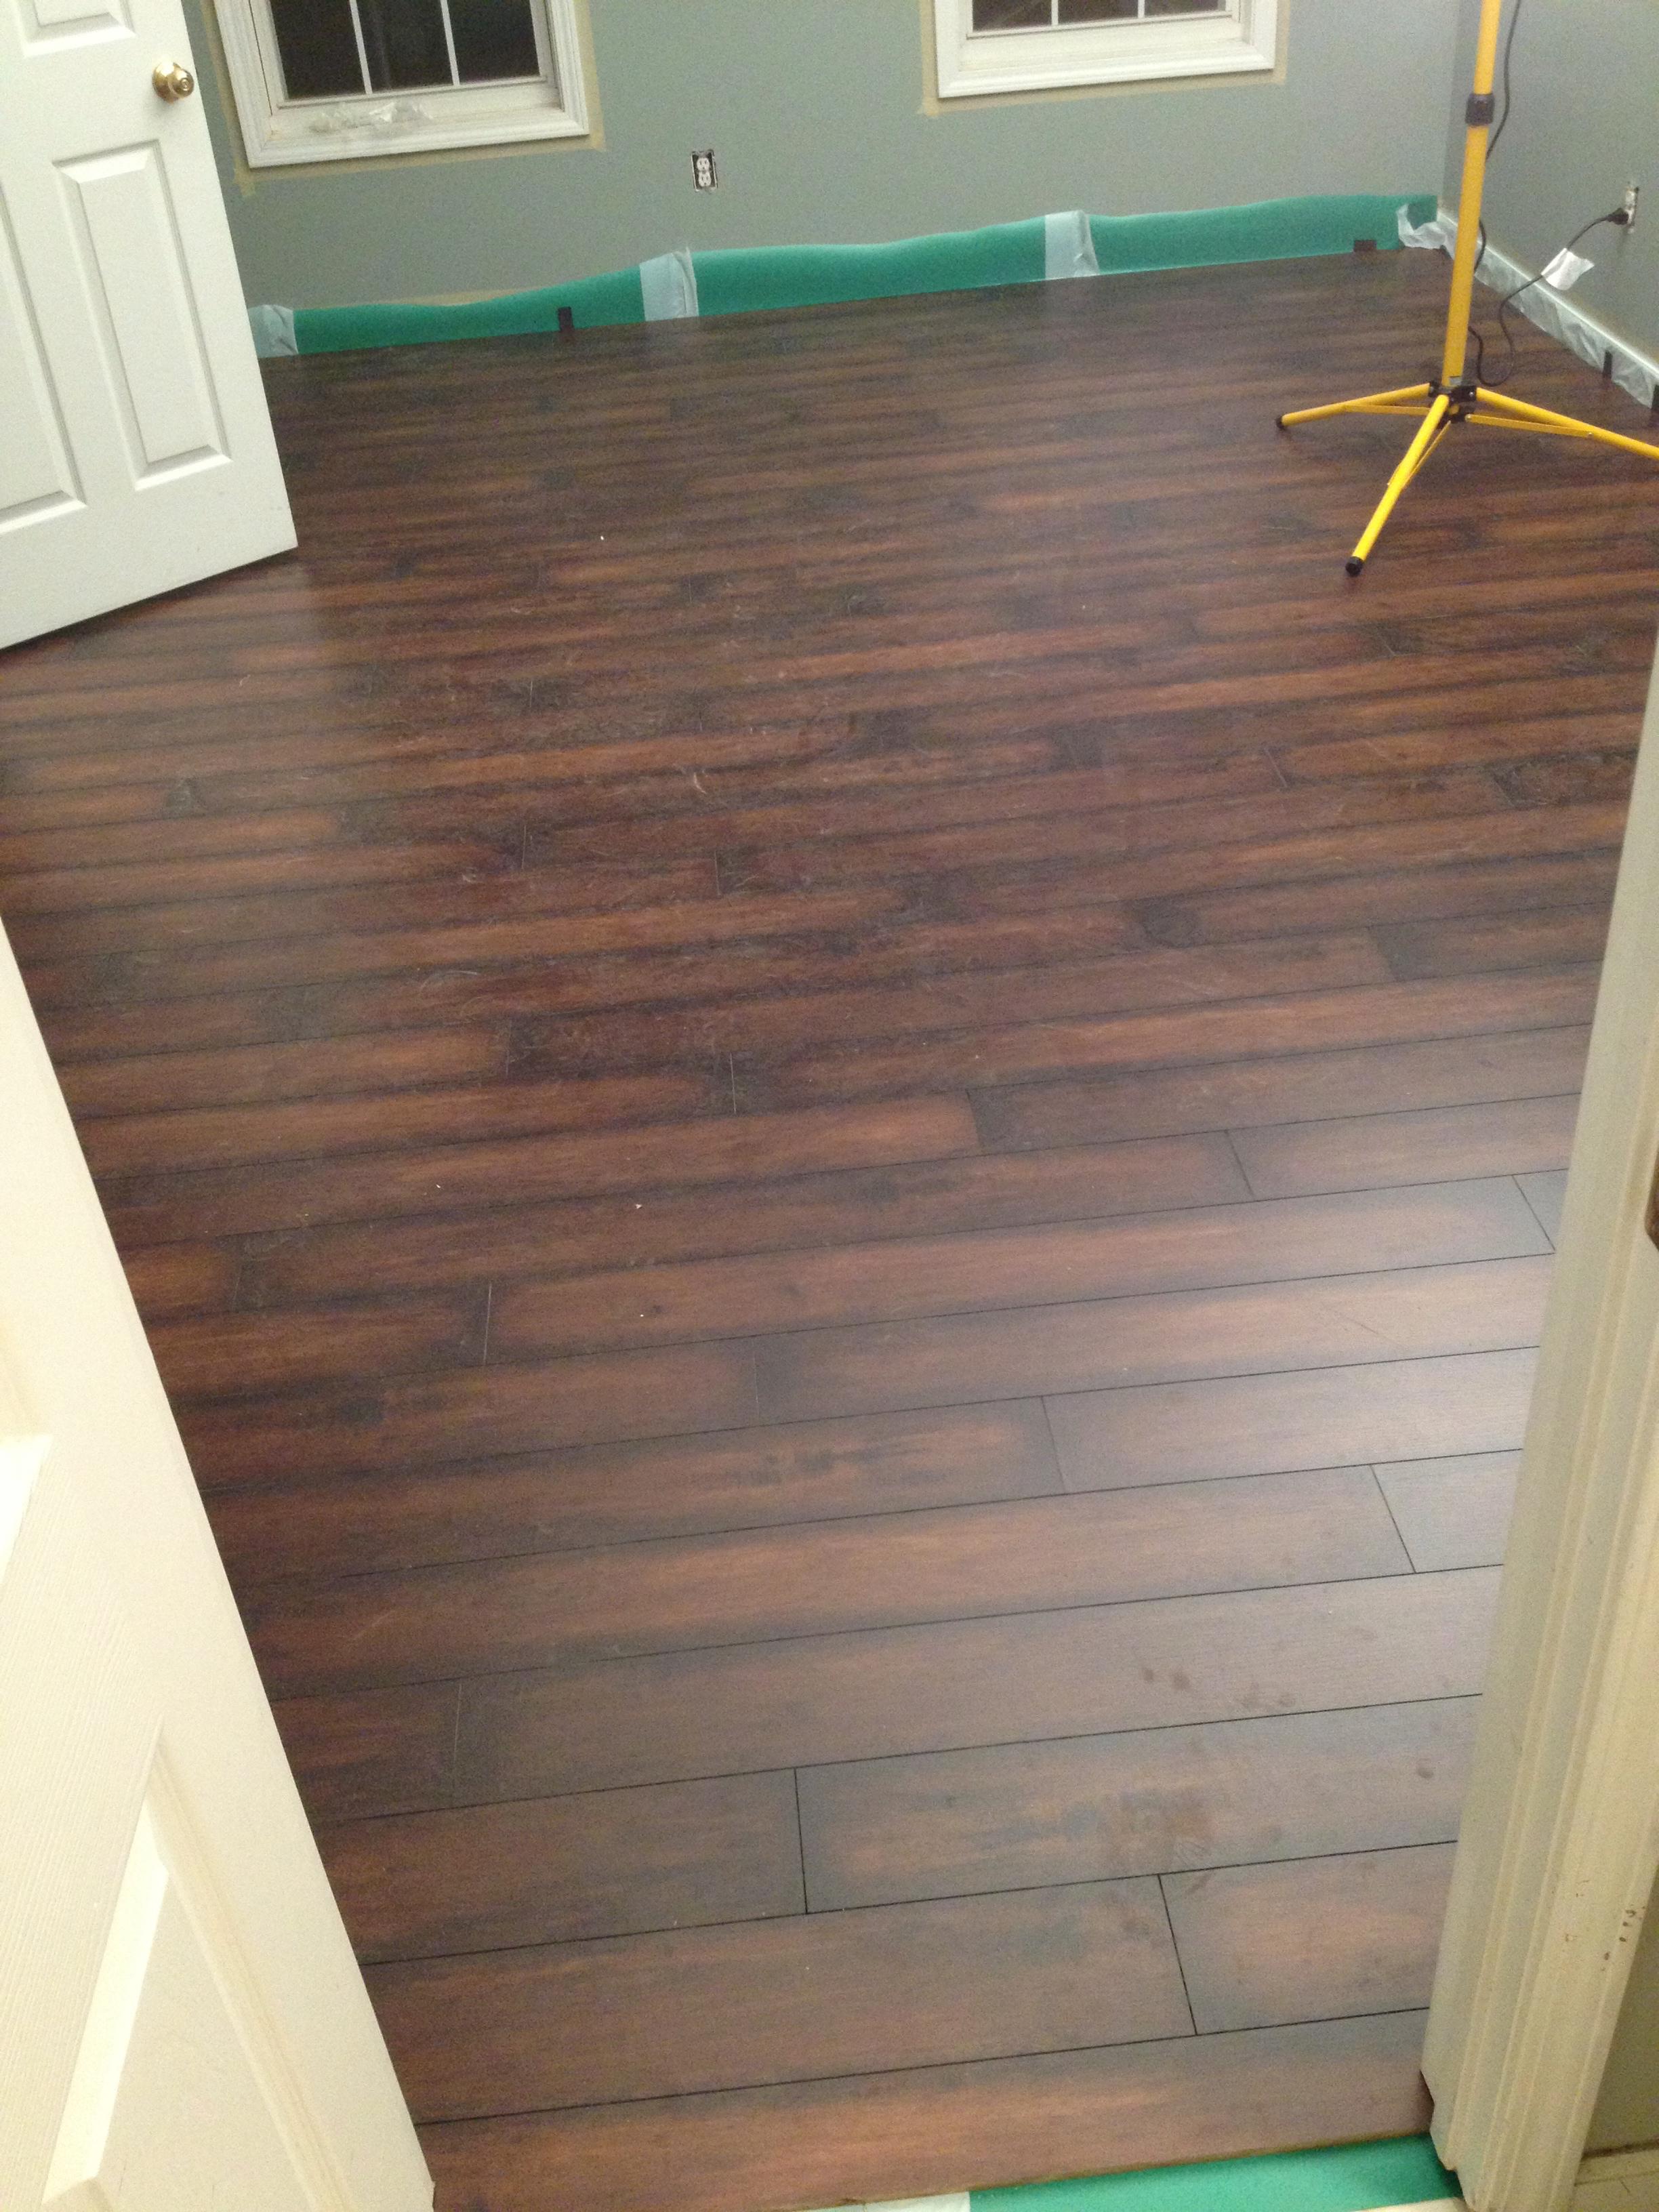 Rustic Laminate Floors, Pergo Antique Cherry Laminate Flooring